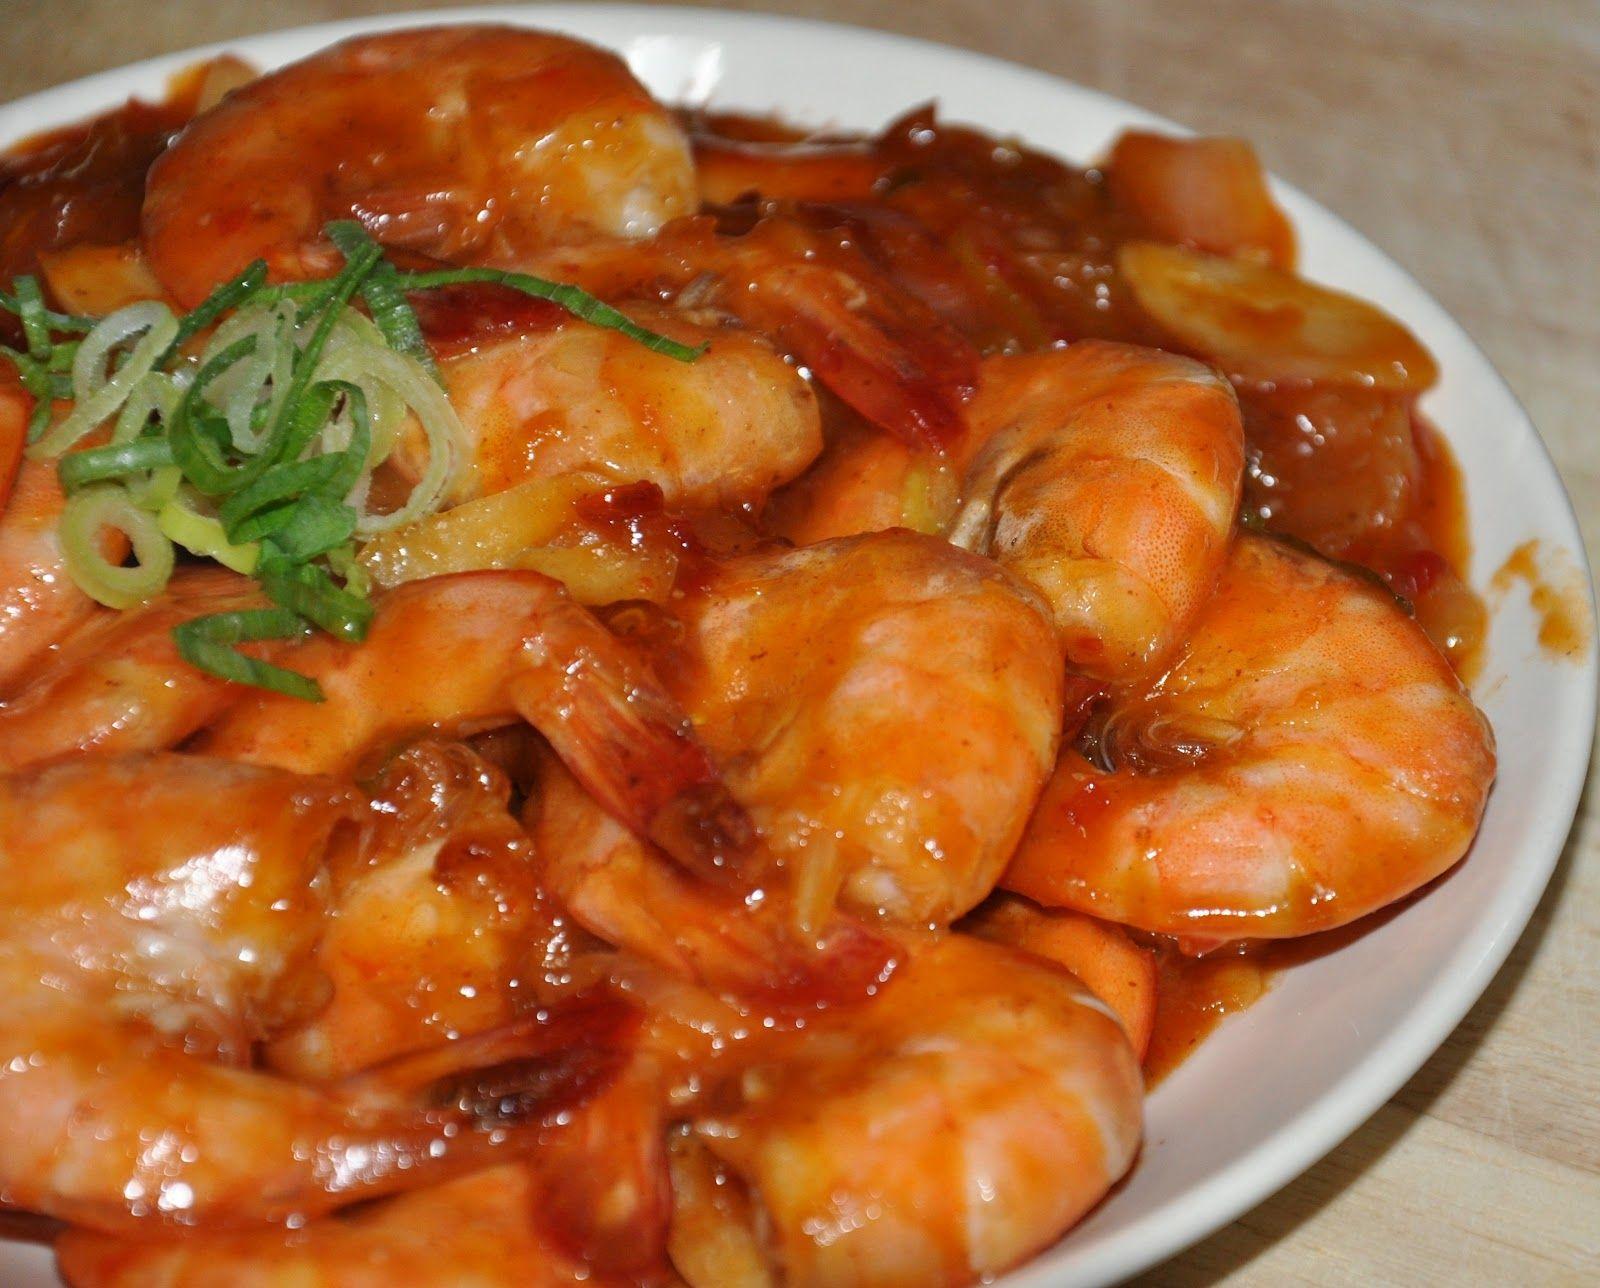 Resep Cara Membuat Udang Saus Asam Manis Spesial Resep Udang Resep Makanan Resep Masakan